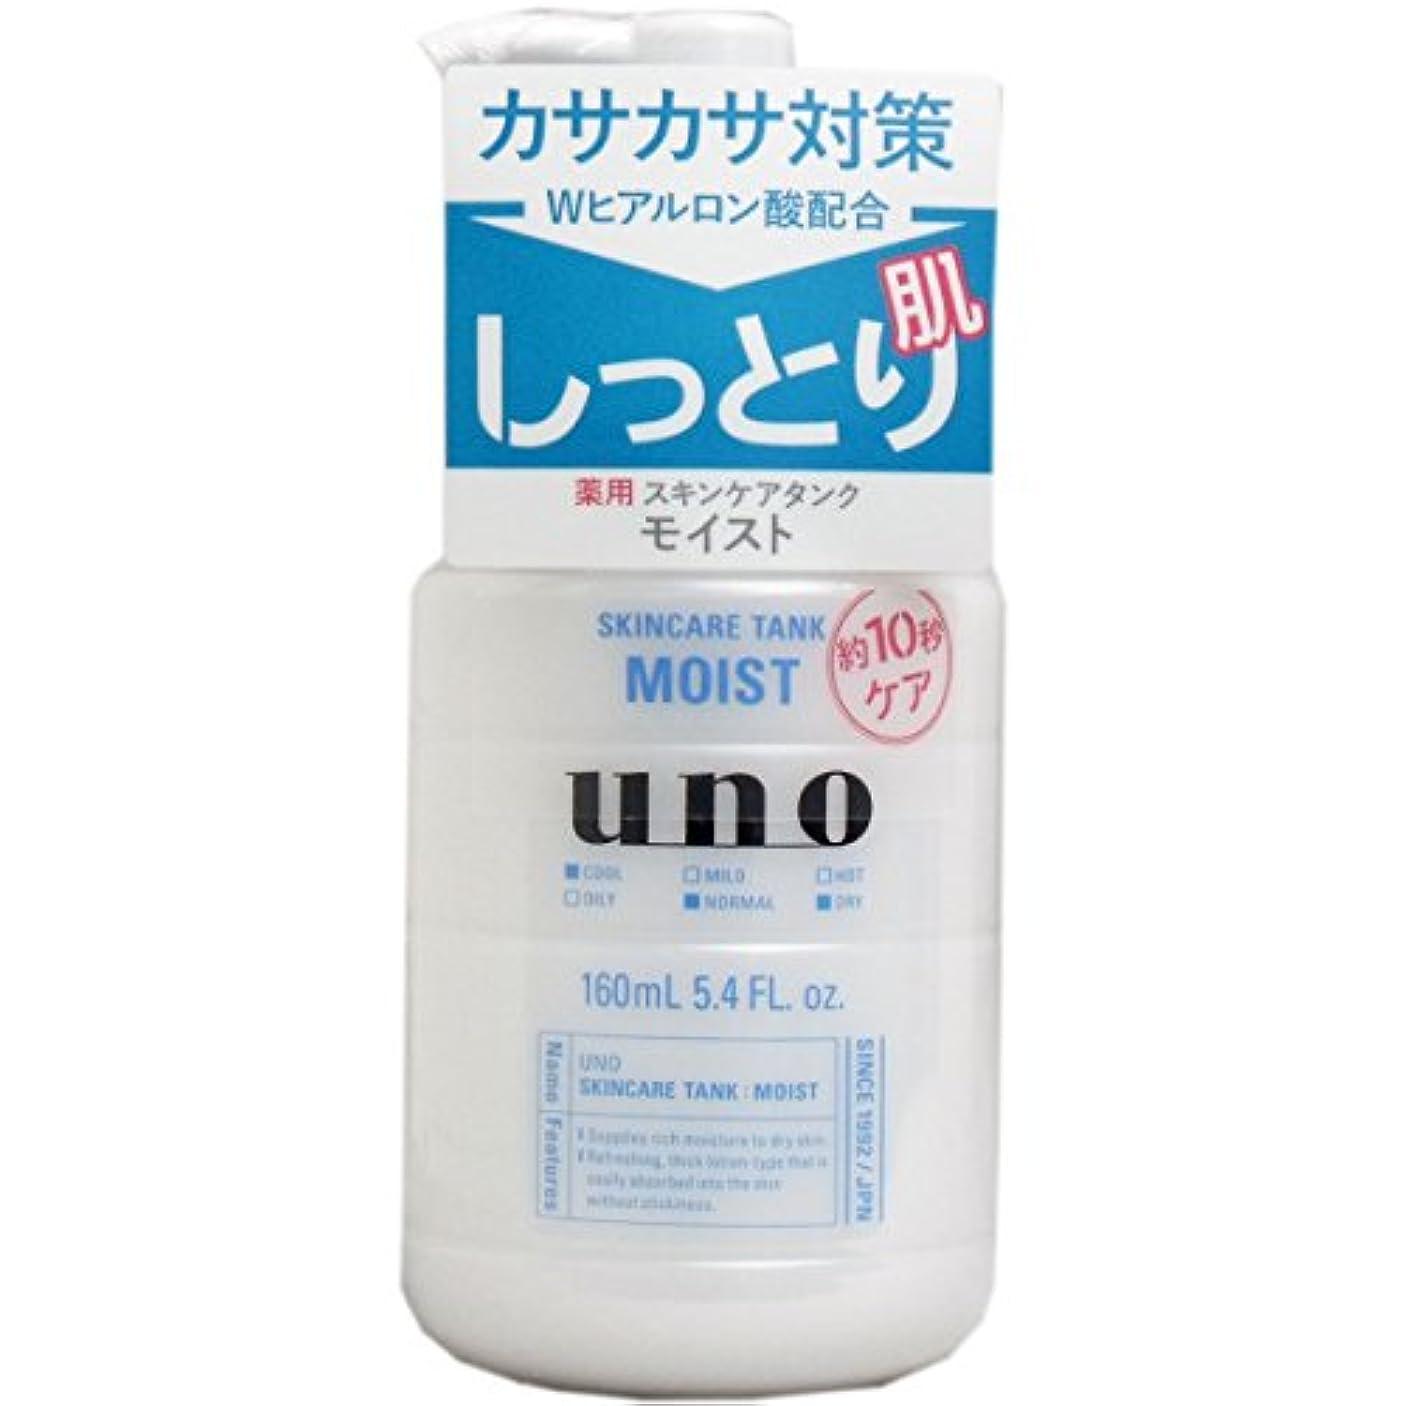 氏痛い動揺させる【資生堂】ウーノ(uno) スキンケアタンク (しっとり) 160mL ×3個セット